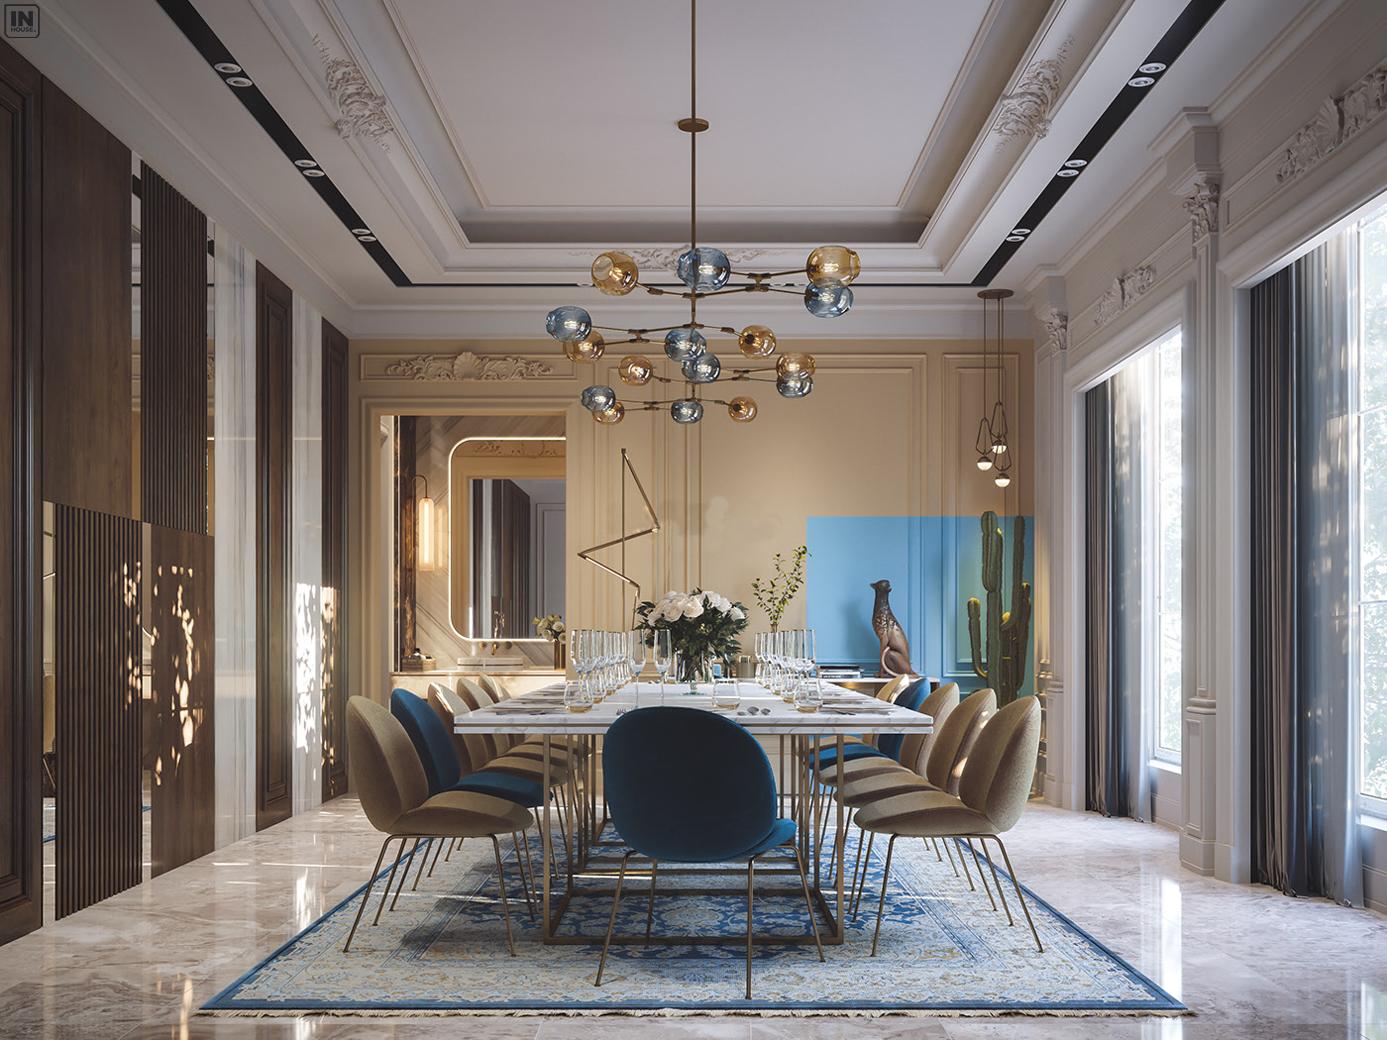 Phòng ăn được thiết kế phong cách luxury